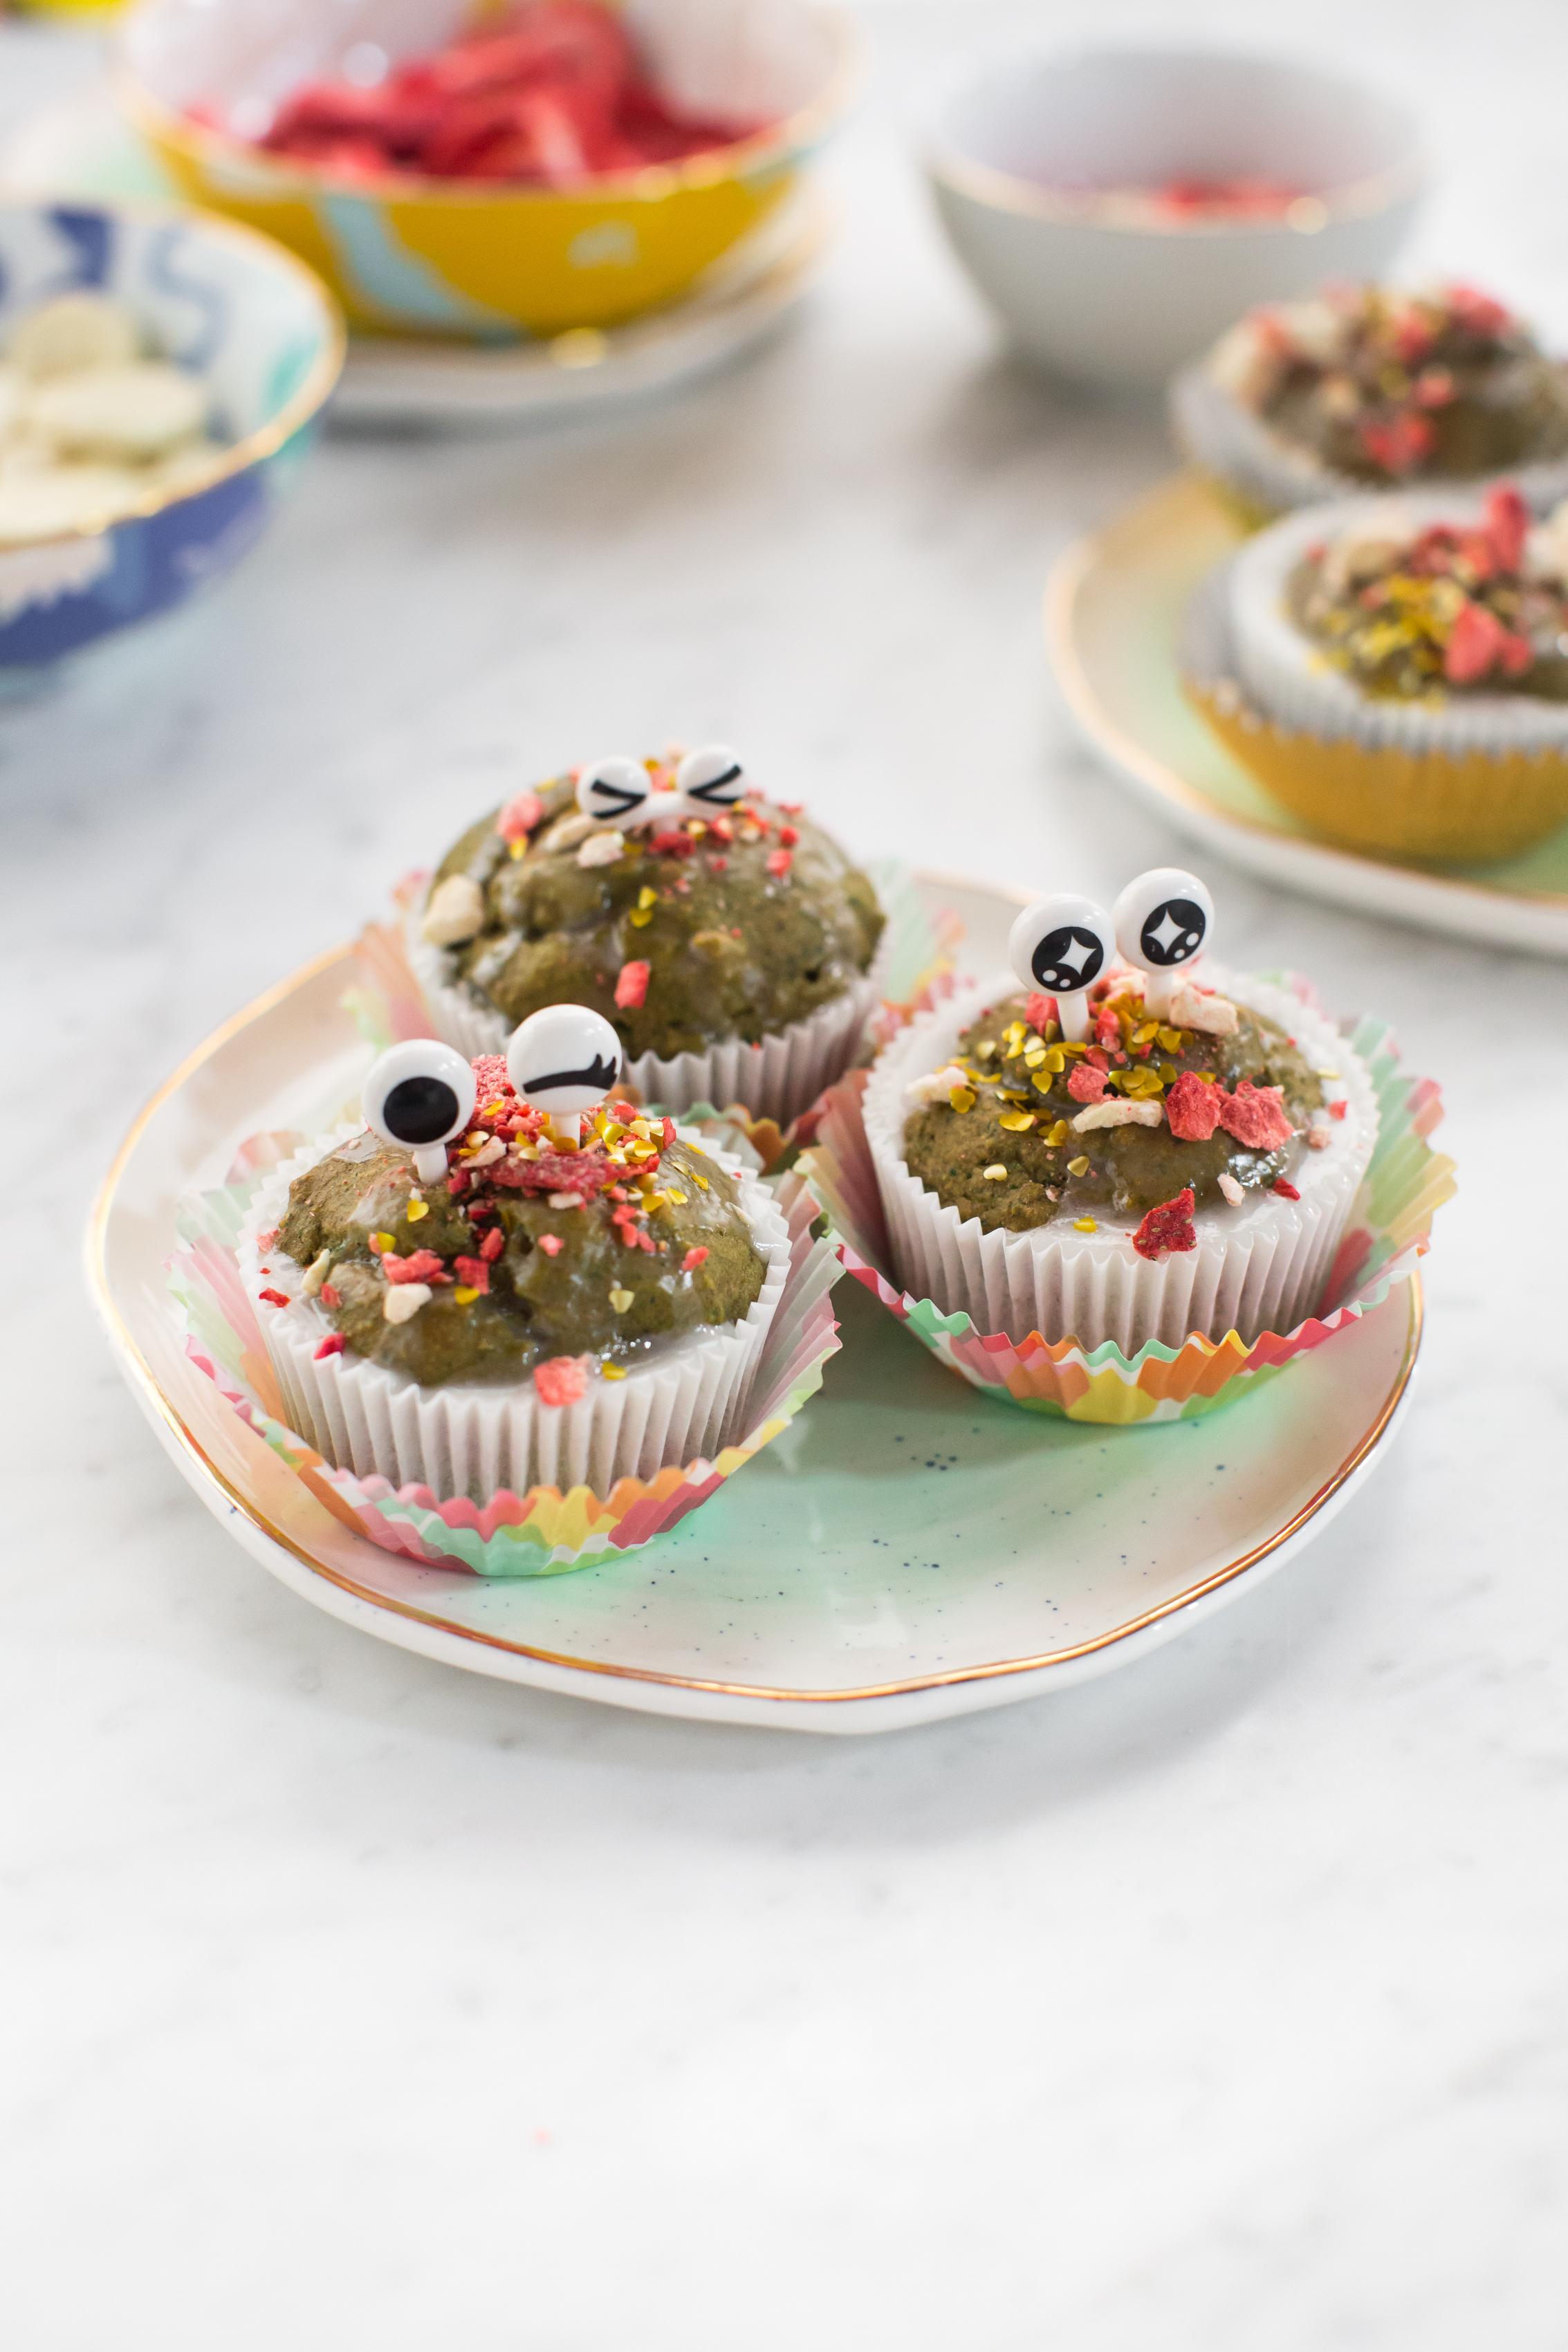 2018_06_15_Smoothie-Muffin-10.jpg